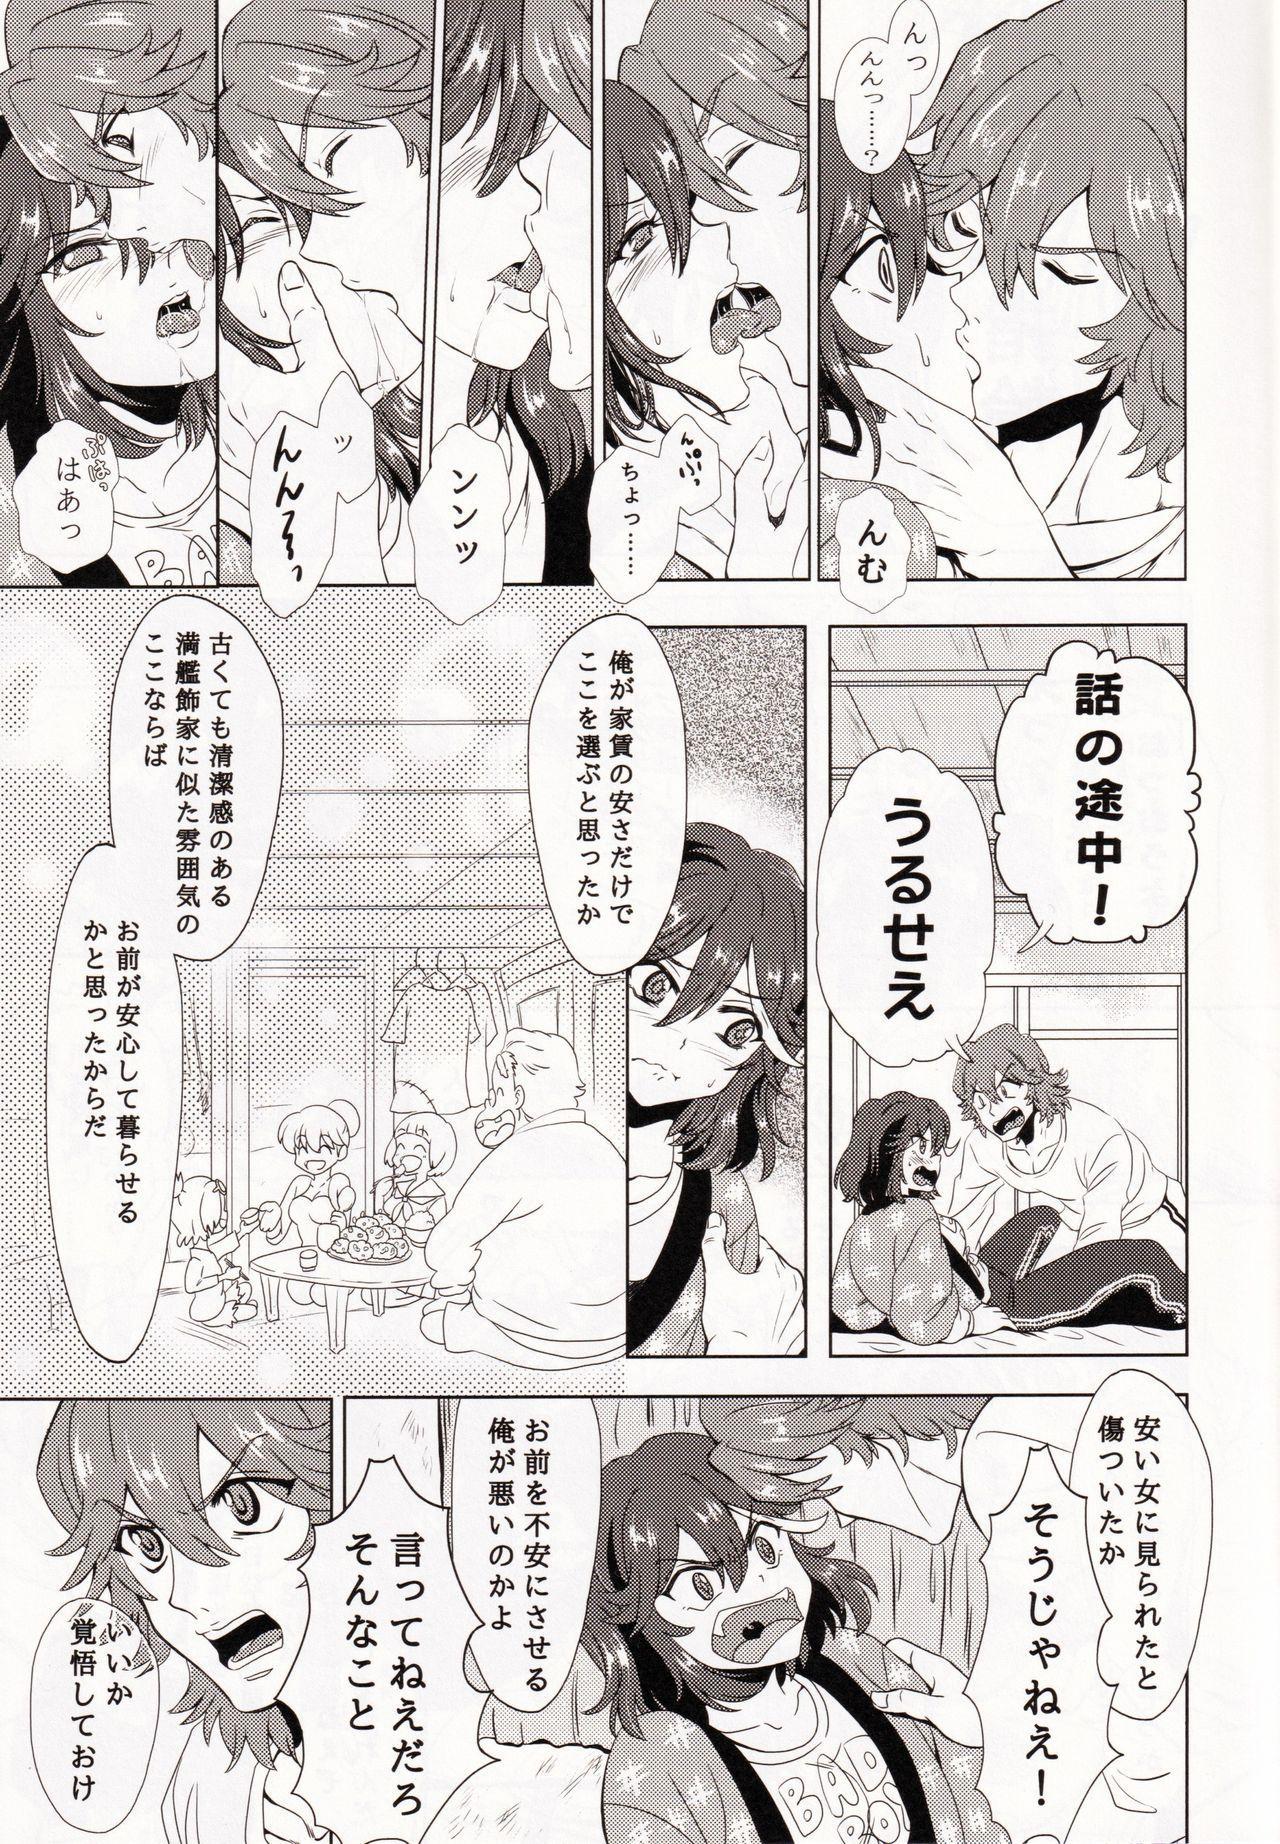 Dousei Hajimemashita 18